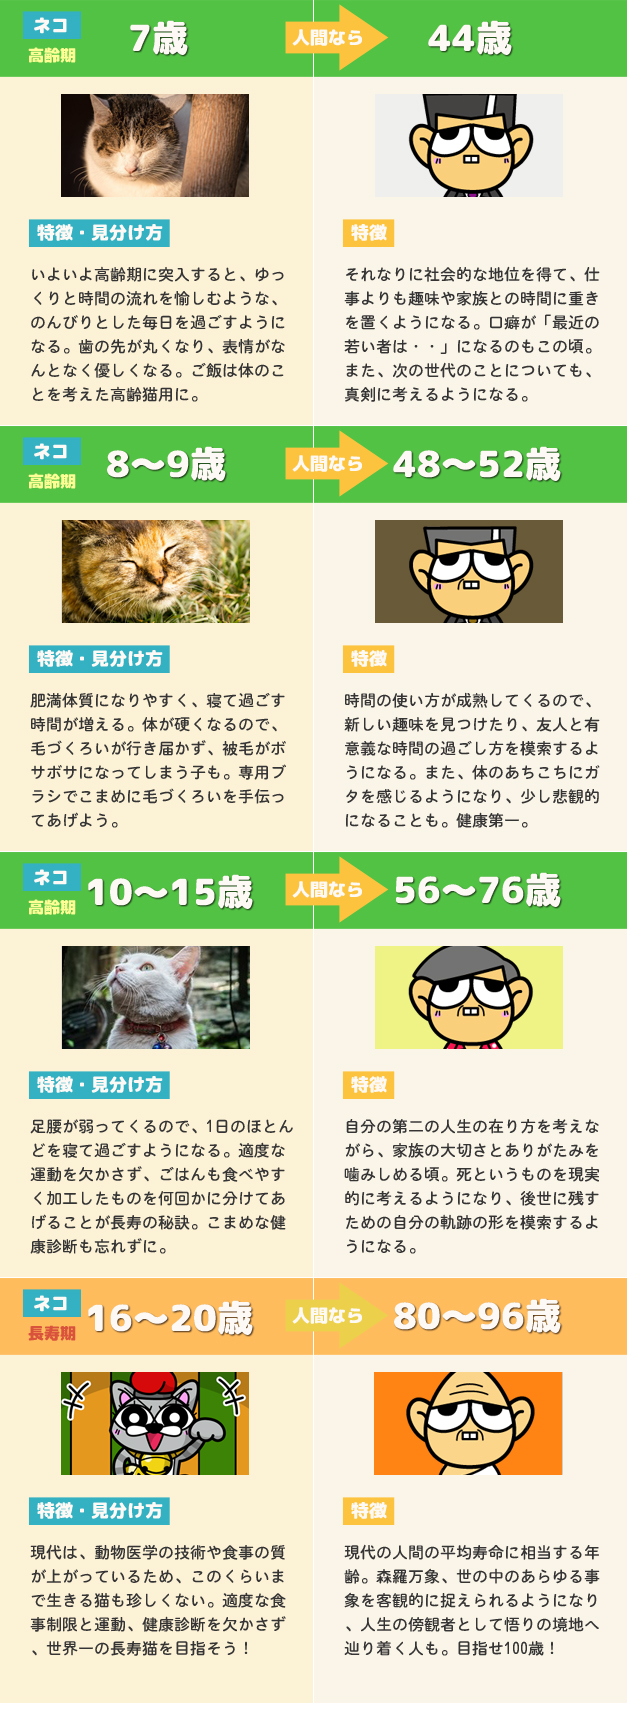 猫の年齢と人間の年齢 比較早見表3